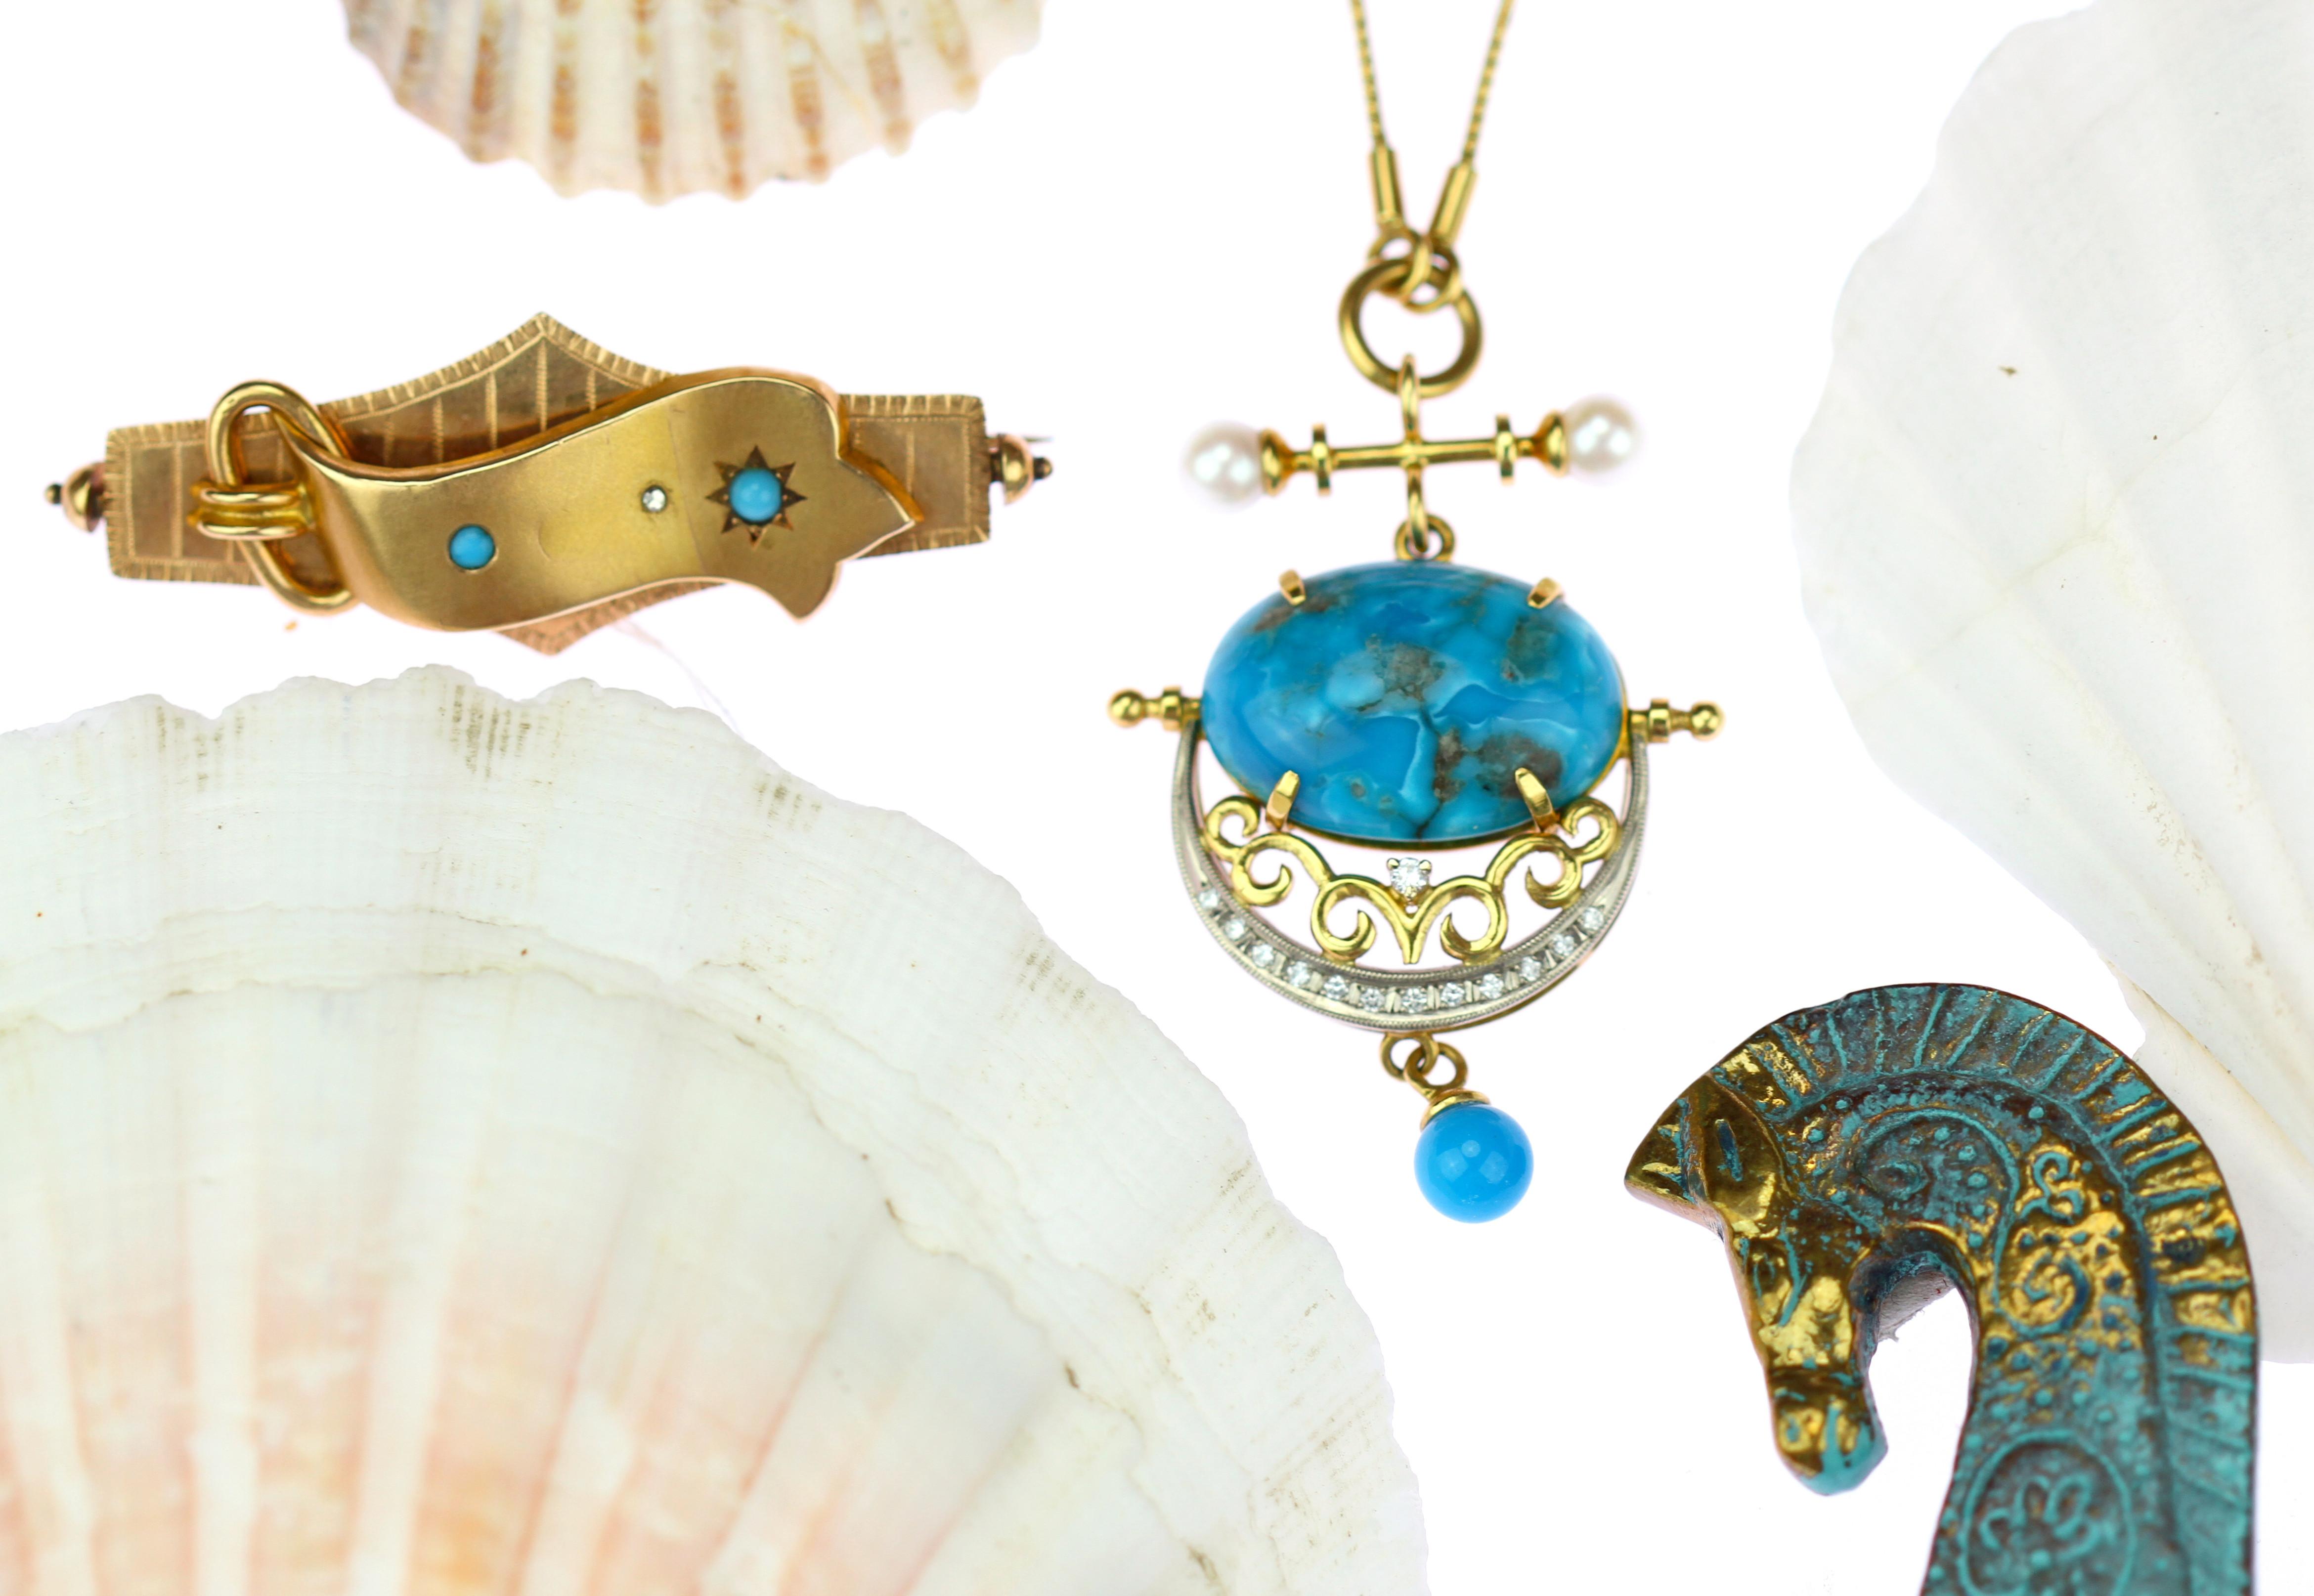 Šperky, ze kterých sálá léto